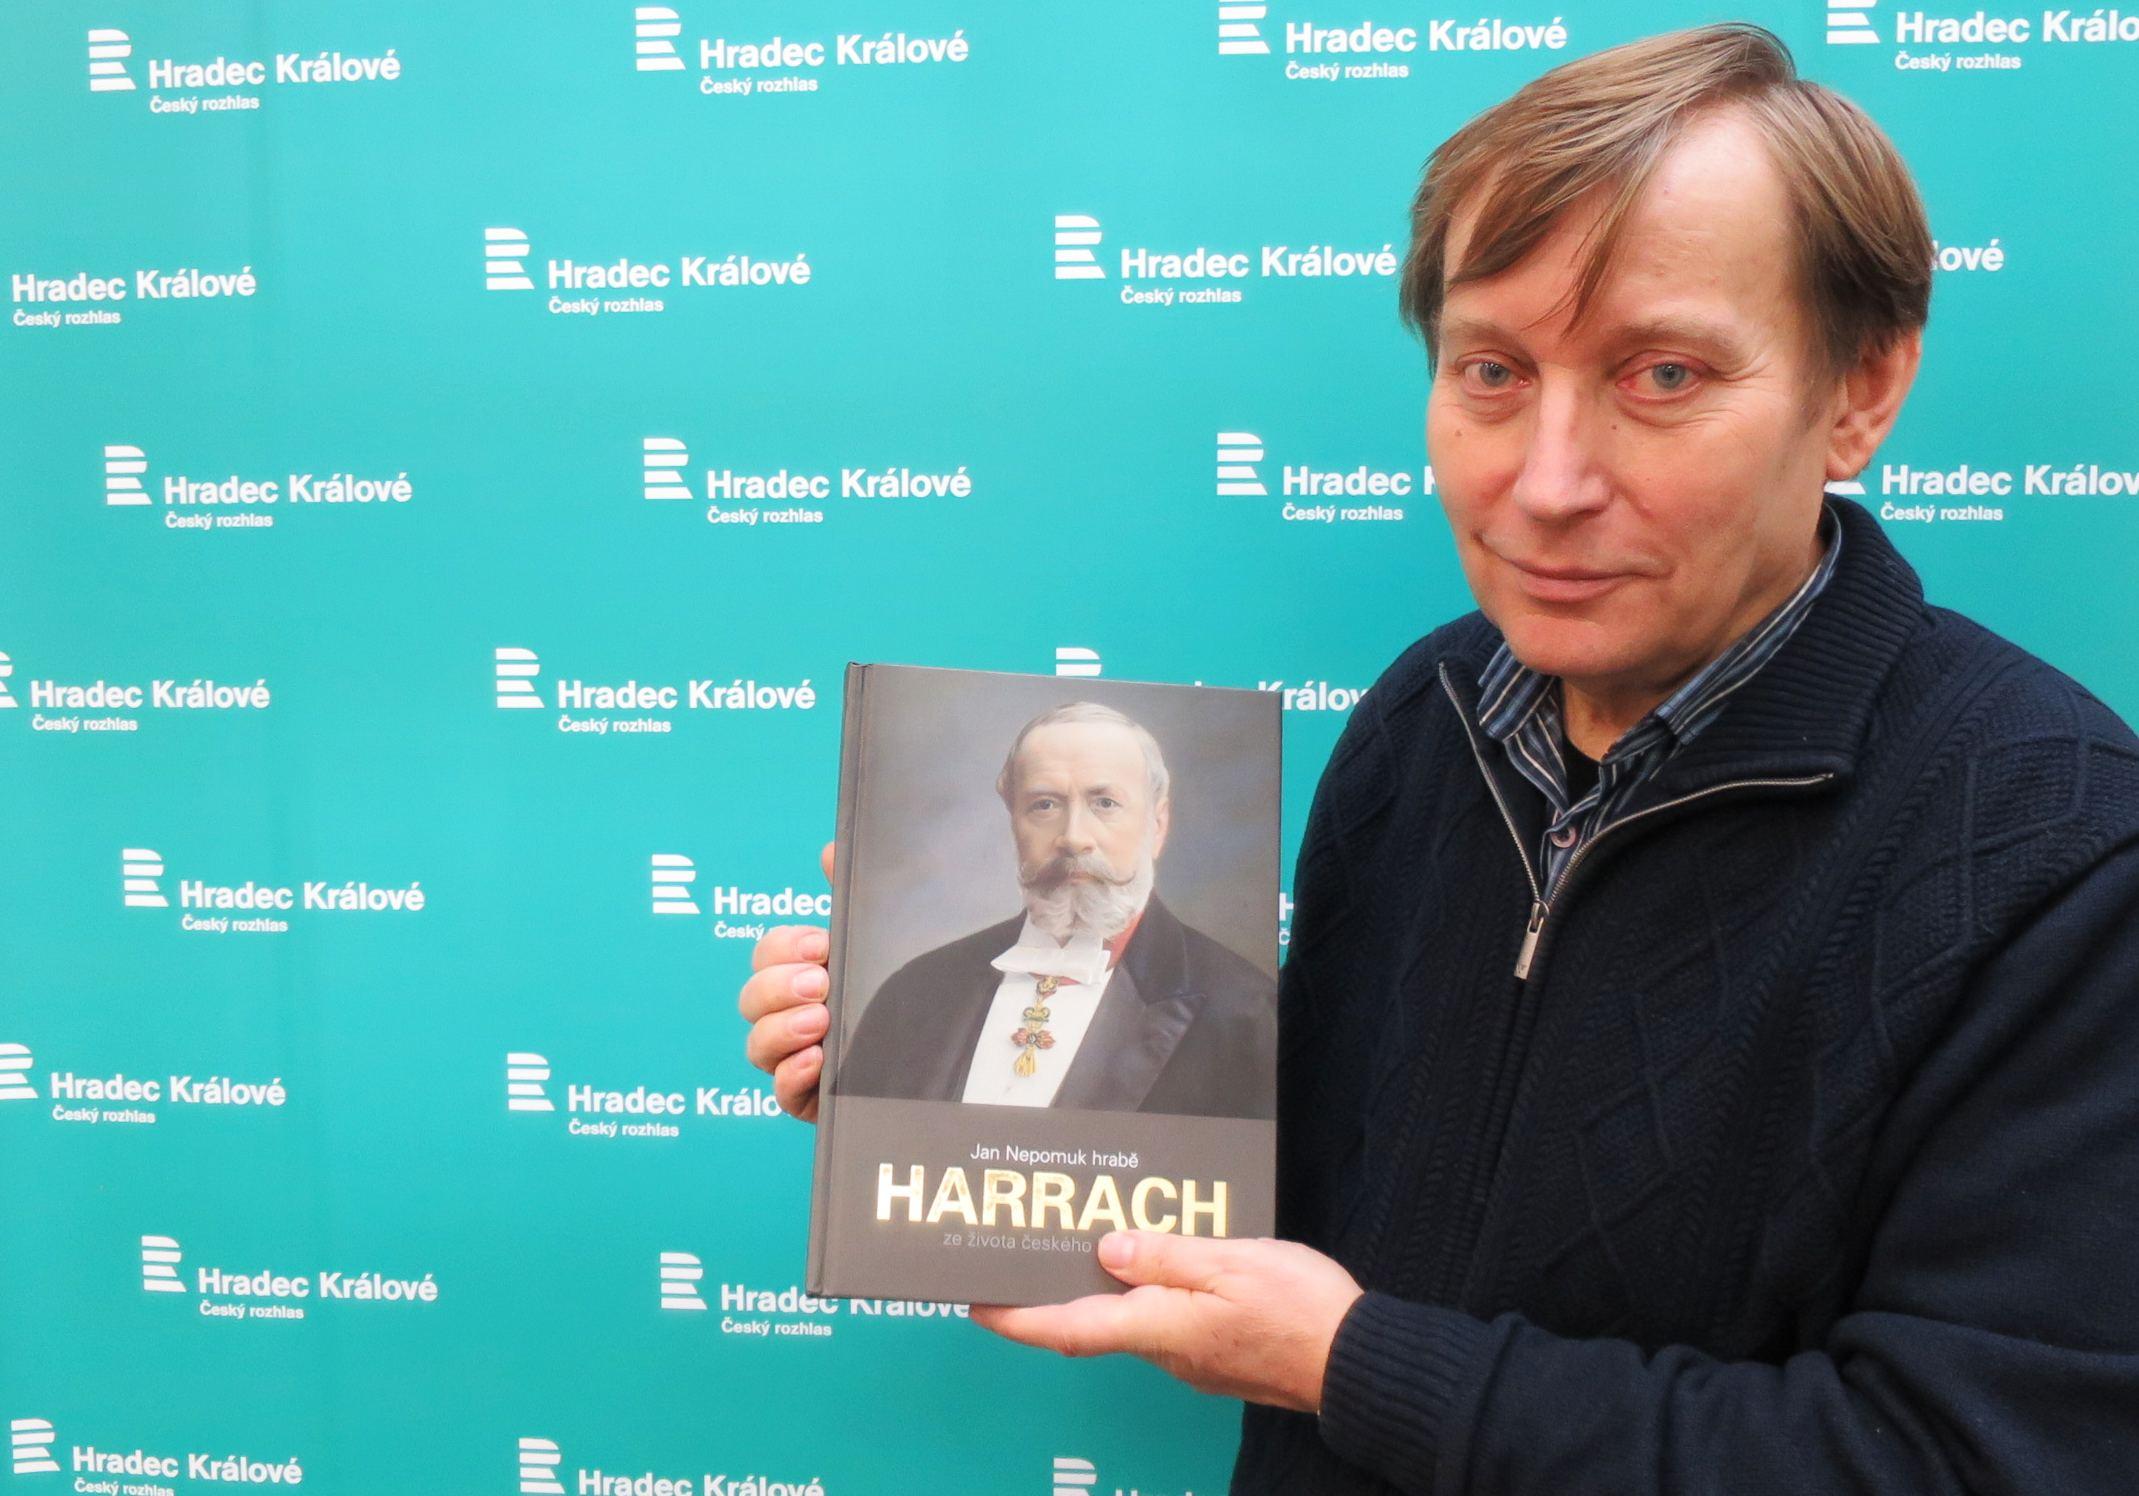 Jan Luštinec s knihou o Janu Nepomuku hraběti Harrachovi ve studiu Českého rozhlasu Hradec Králové